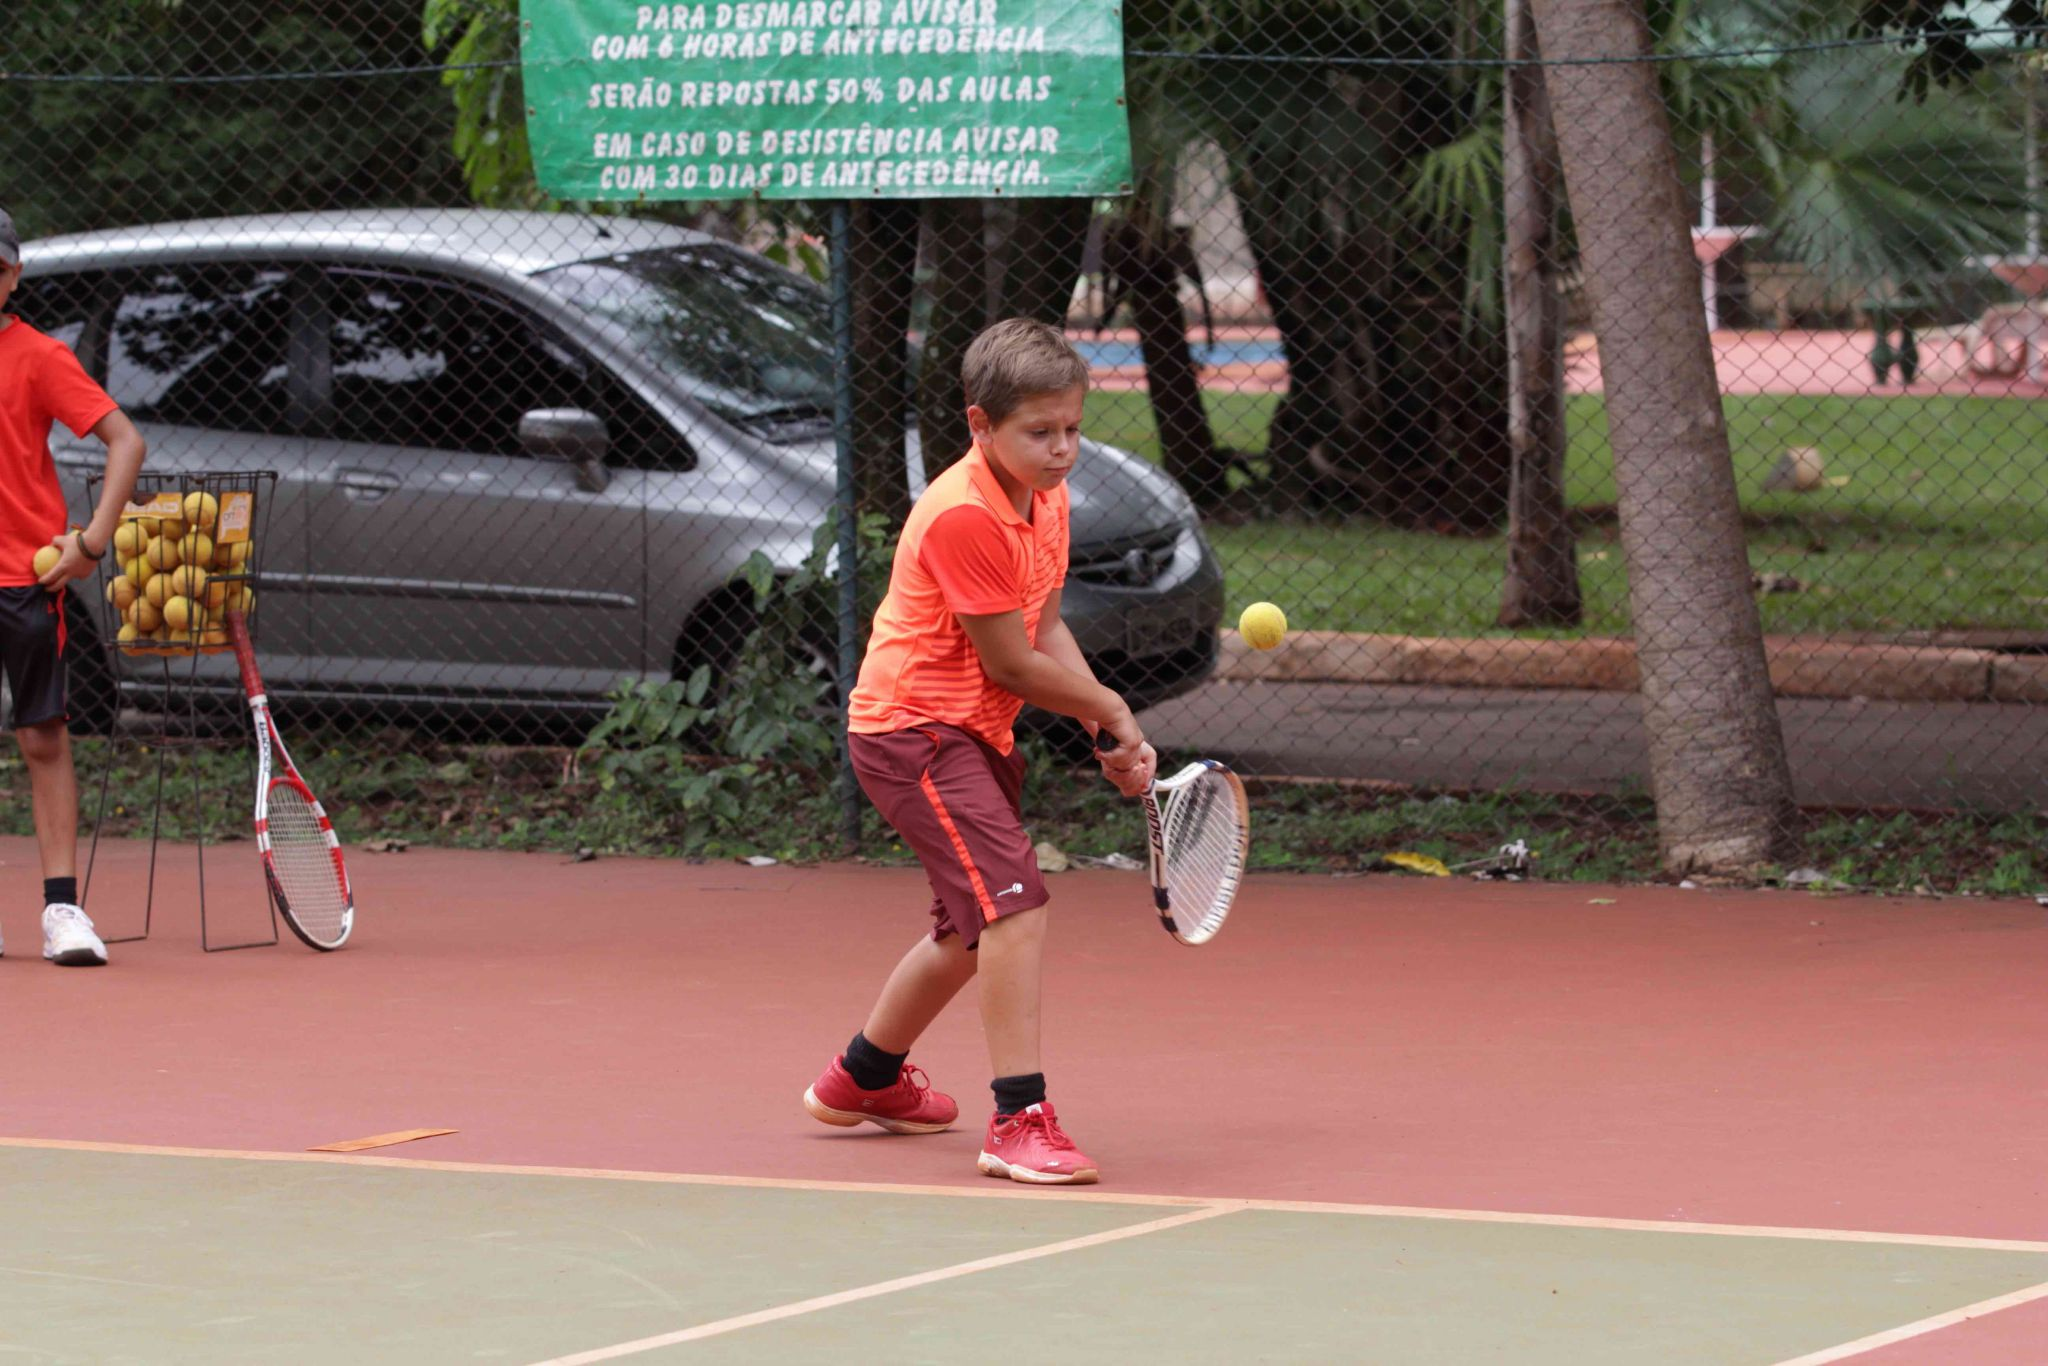 Férias com tênis para crianças - 2018